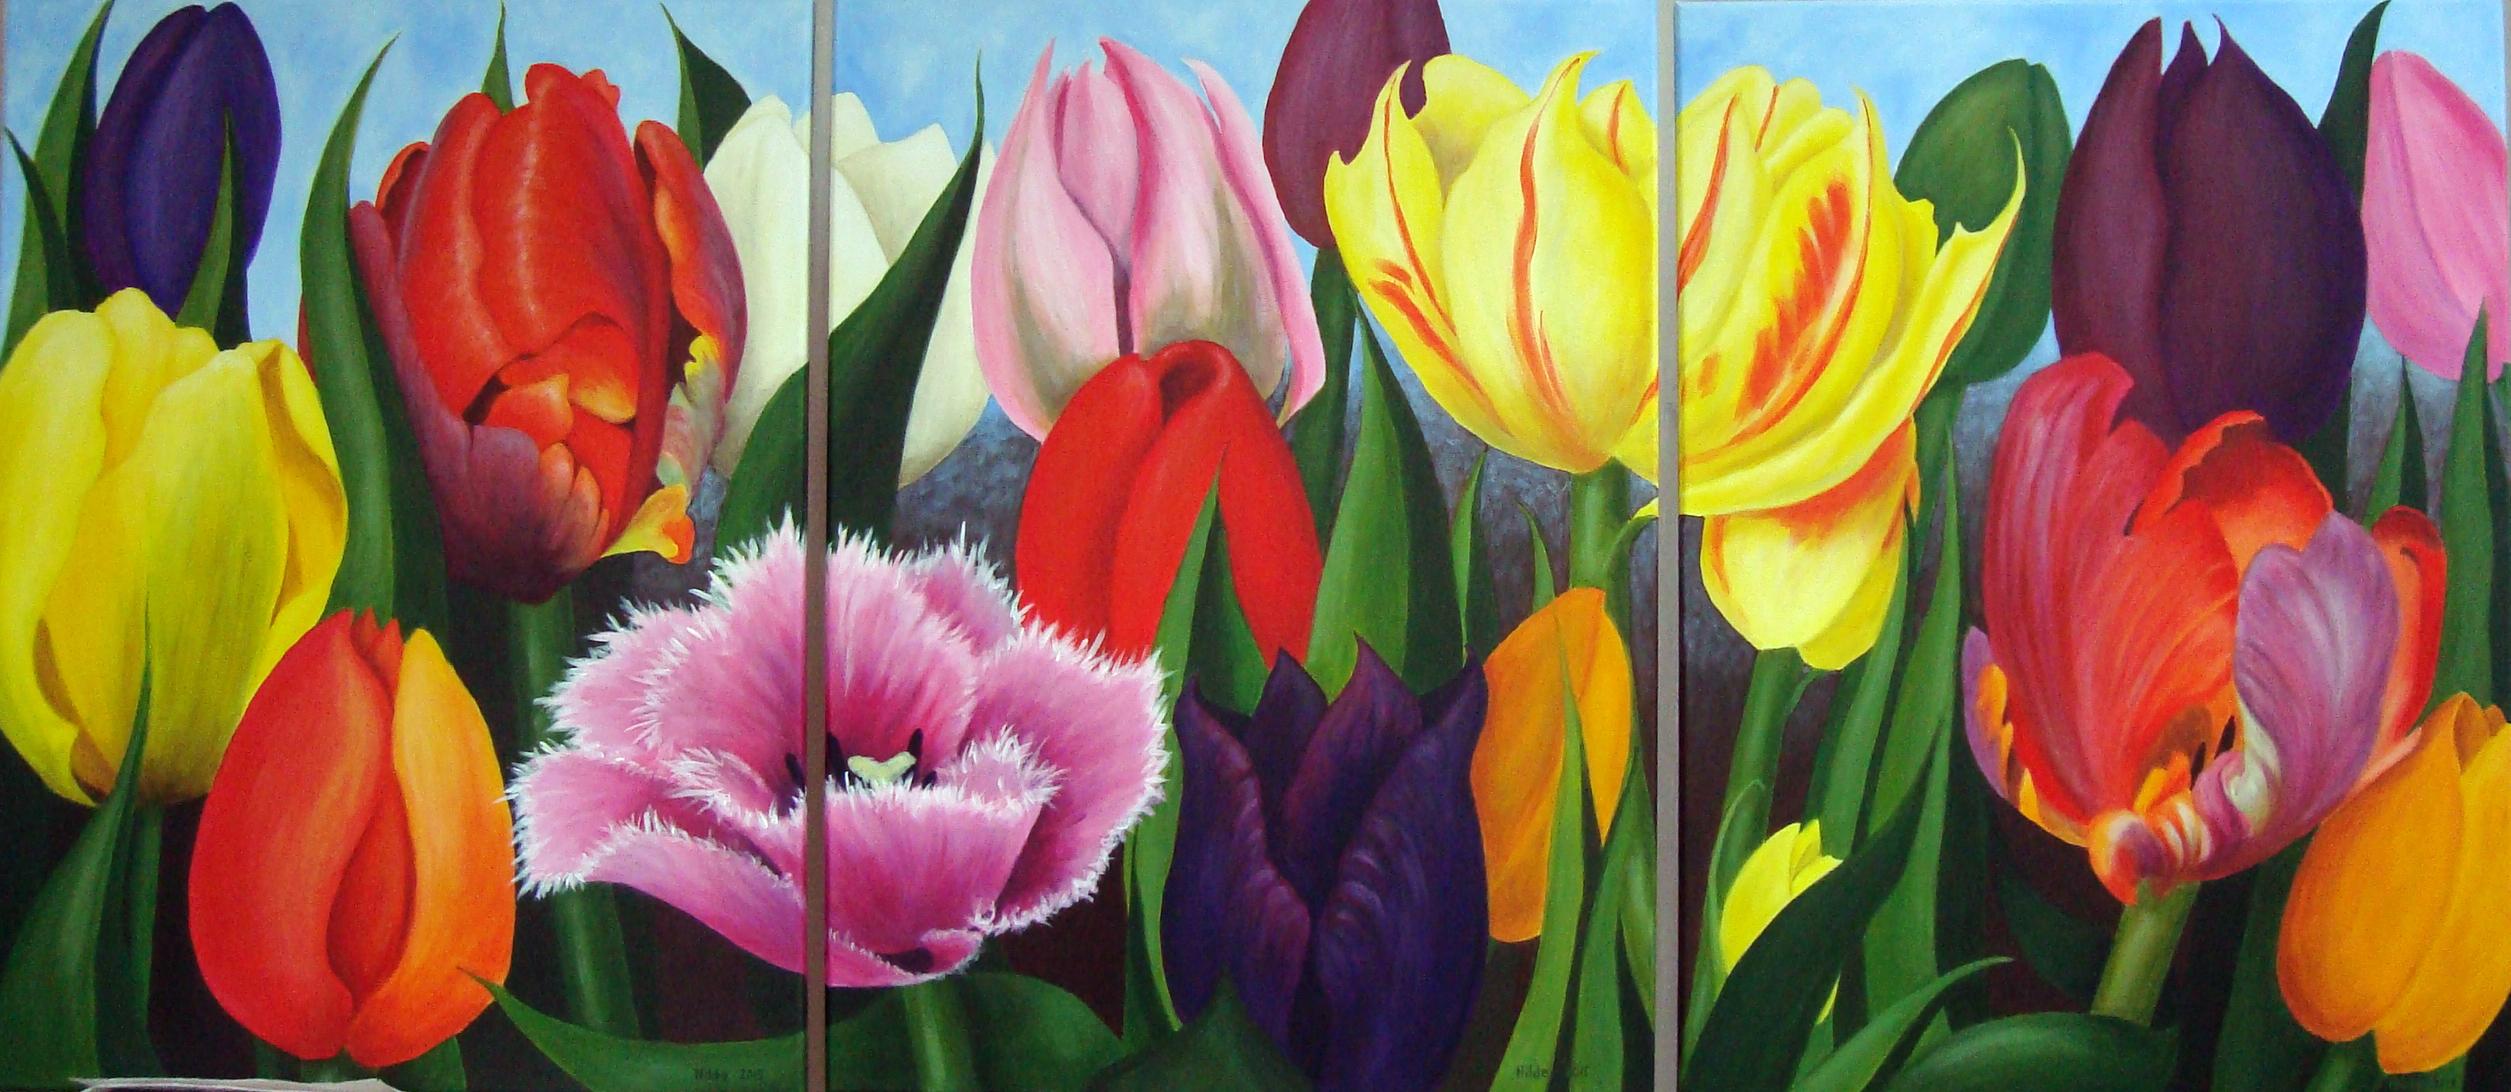 Acryl schilderijen bloemen dr48 aboriginaltourismontario for Schilderijen van bloemen